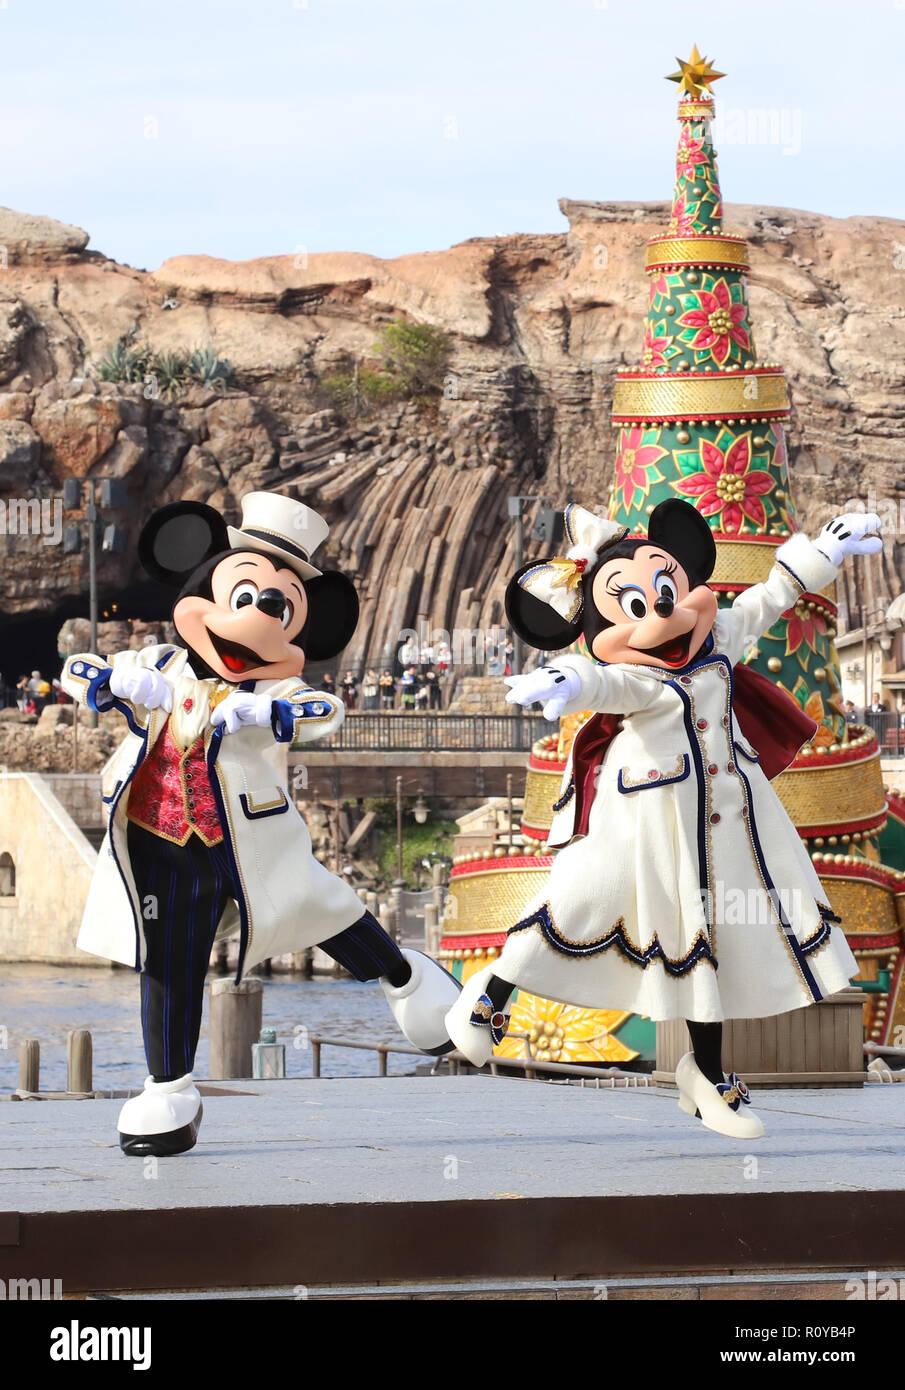 Urayasu, Japan. 7 Nov, 2018. Disney Figuren Mickey und Minnie Maus ...